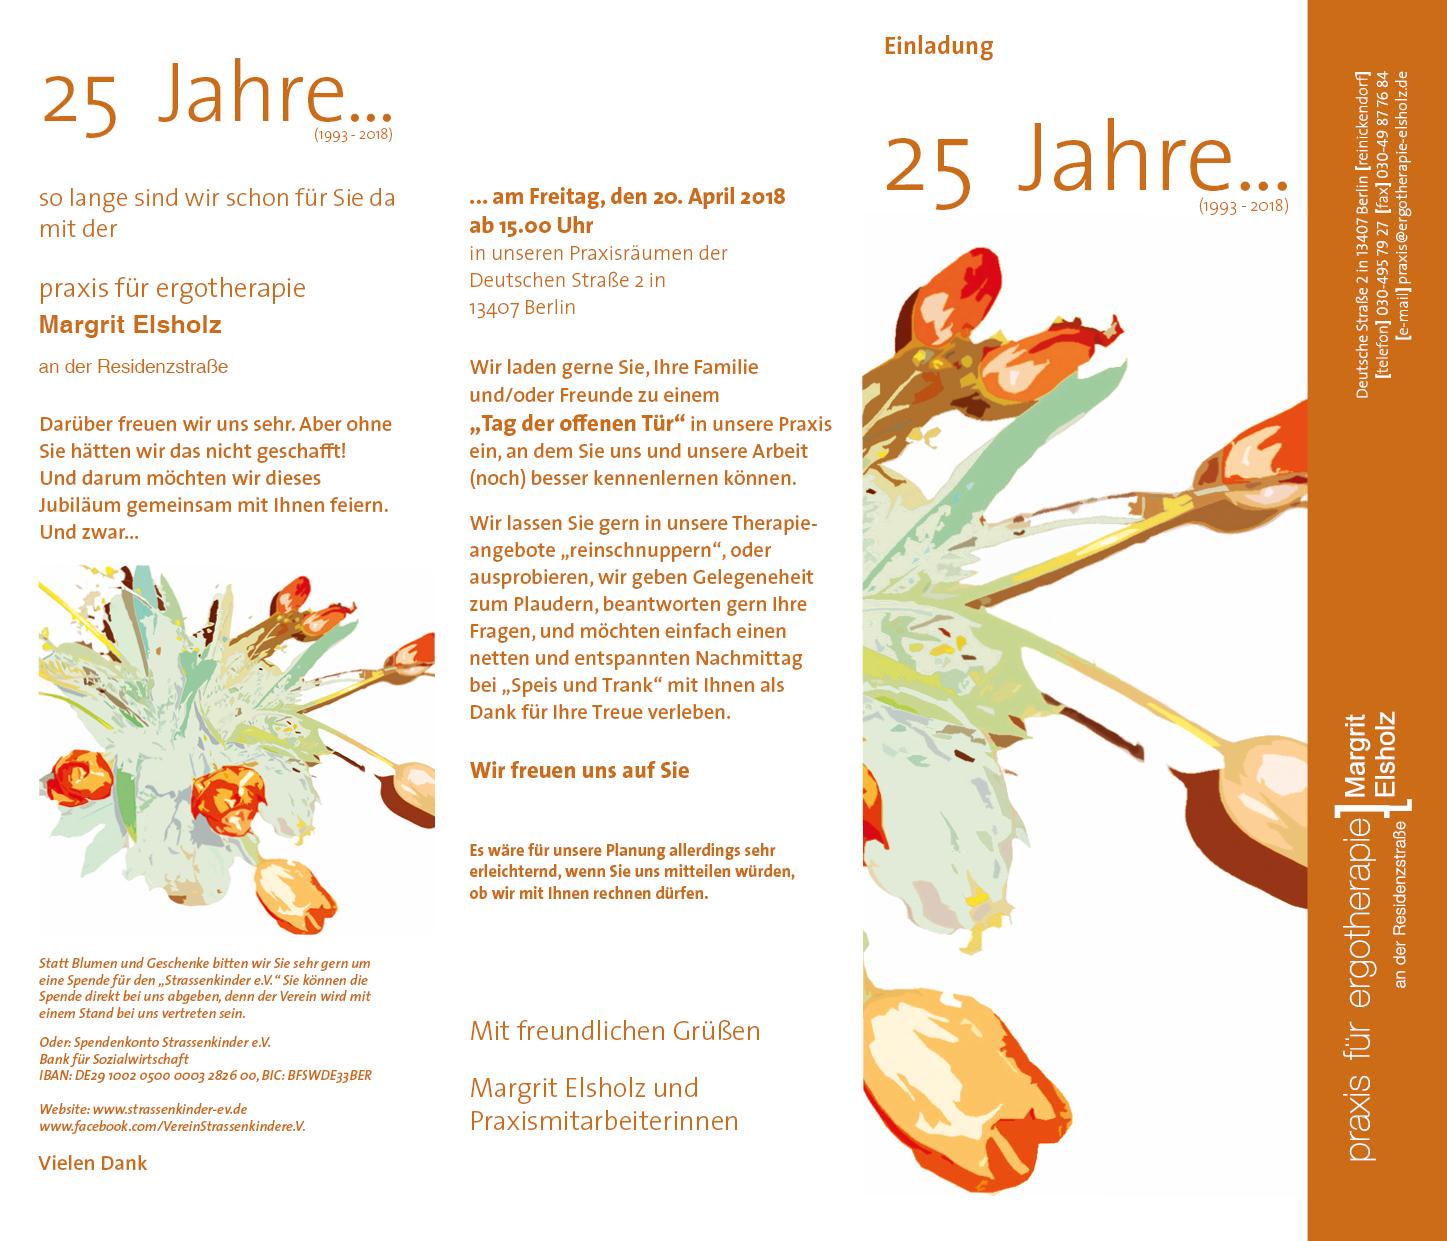 Ergotherapie_Elsholz_Einladung_25_Jahre_2018_digital_2